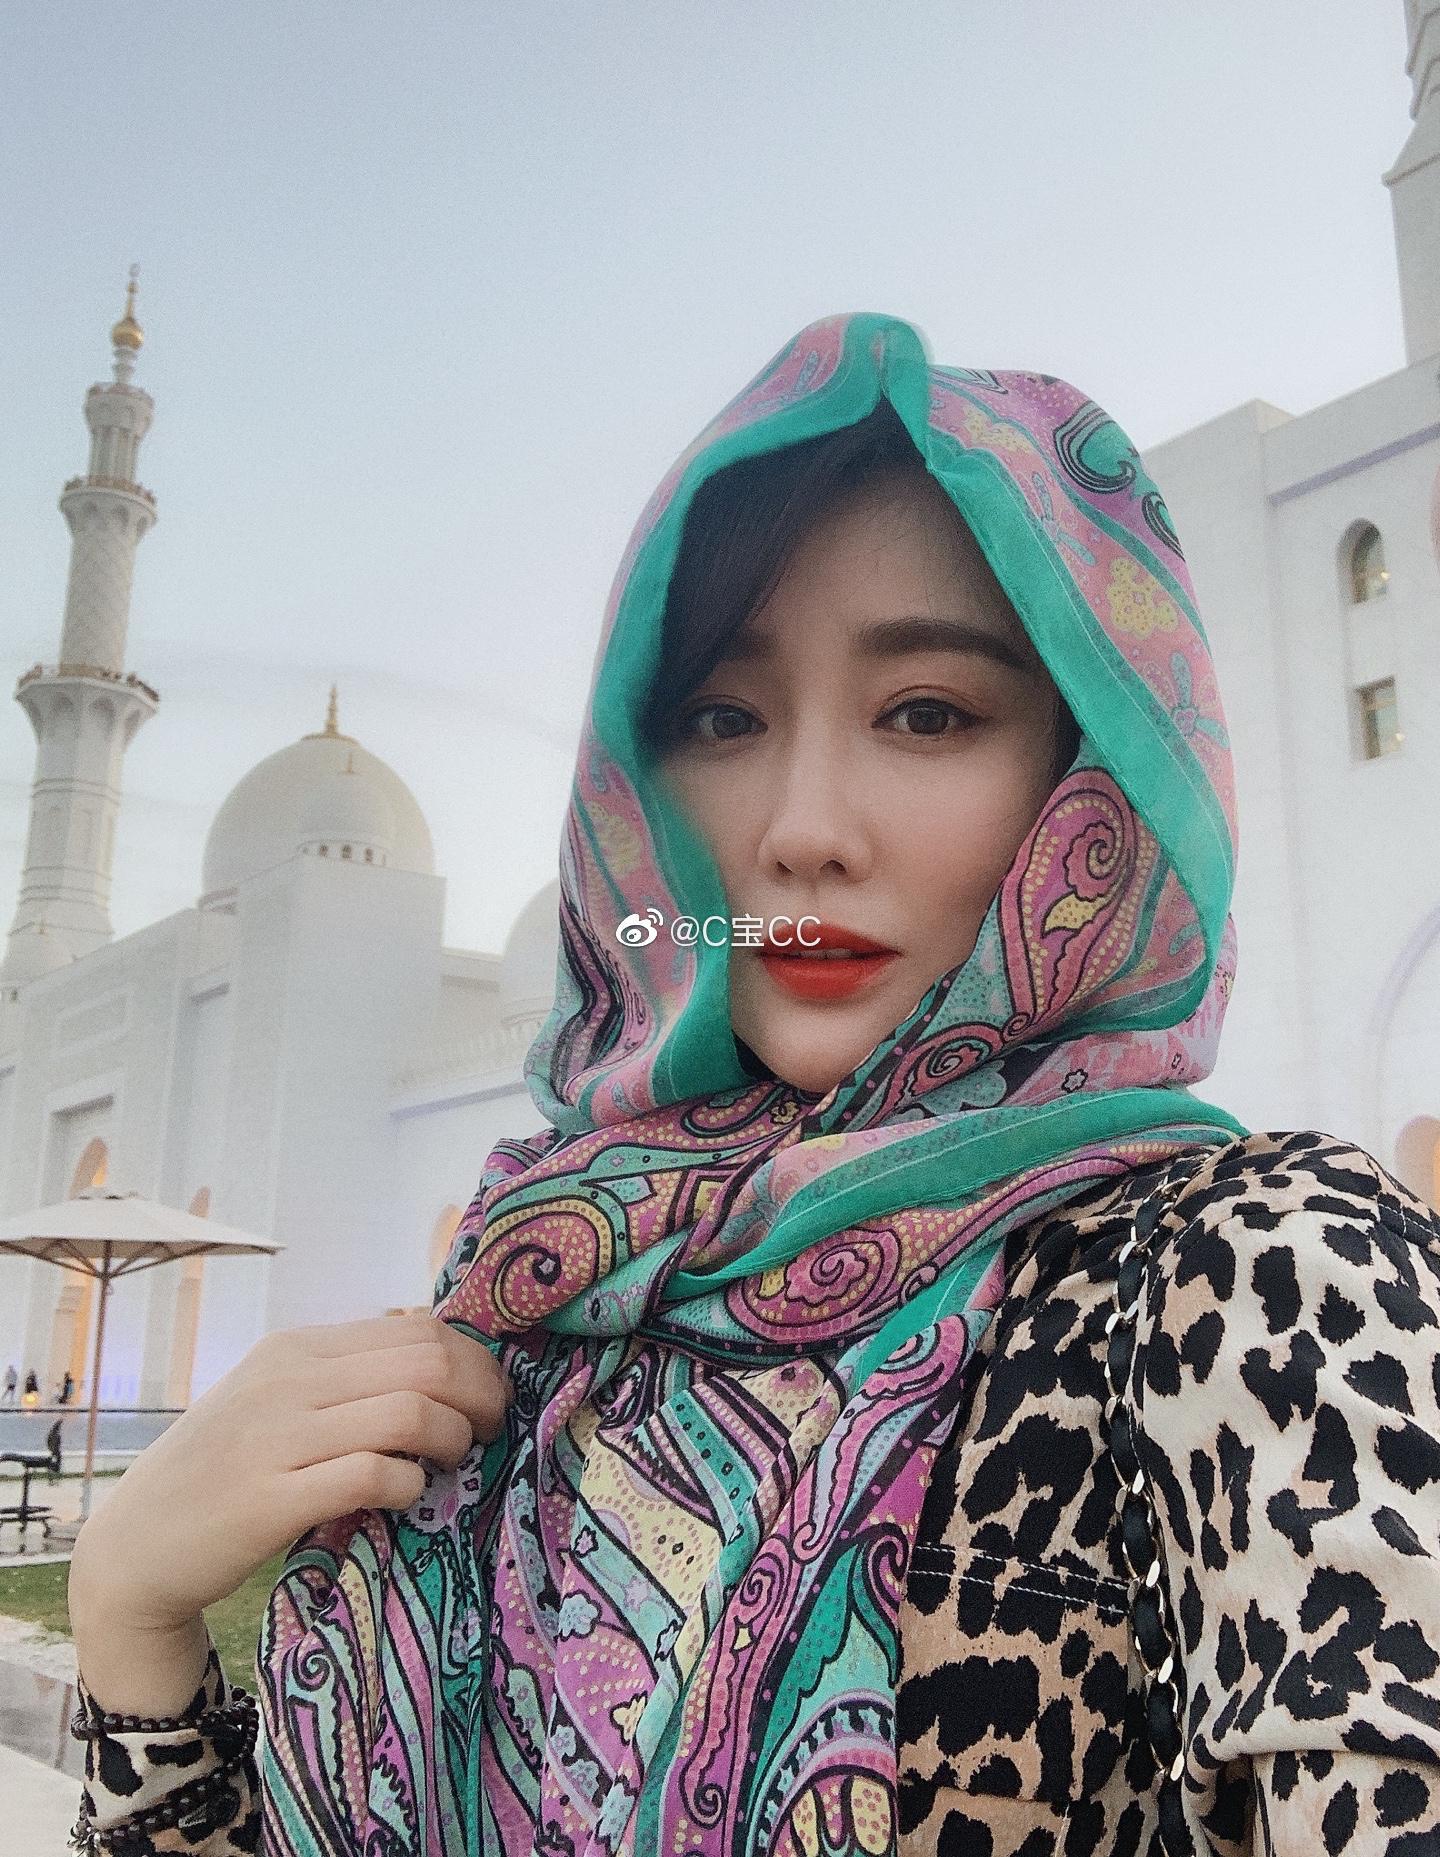 阿布扎比最值得去的地方一是卢浮宫,再就是谢赫扎耶德大清真寺了